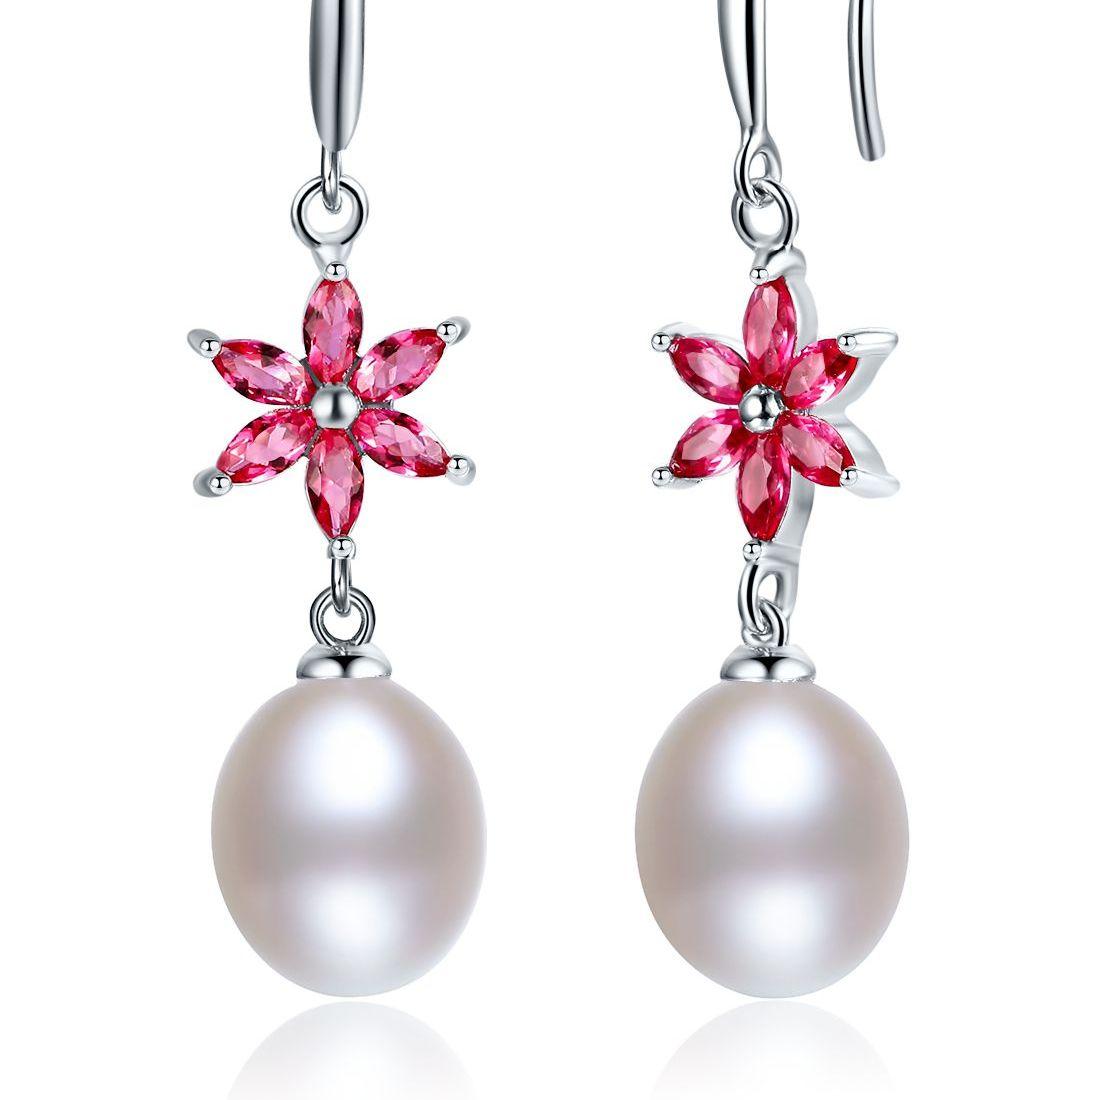 珍珠批发价   灵动优雅 9mm天然珍珠纯银耳钩